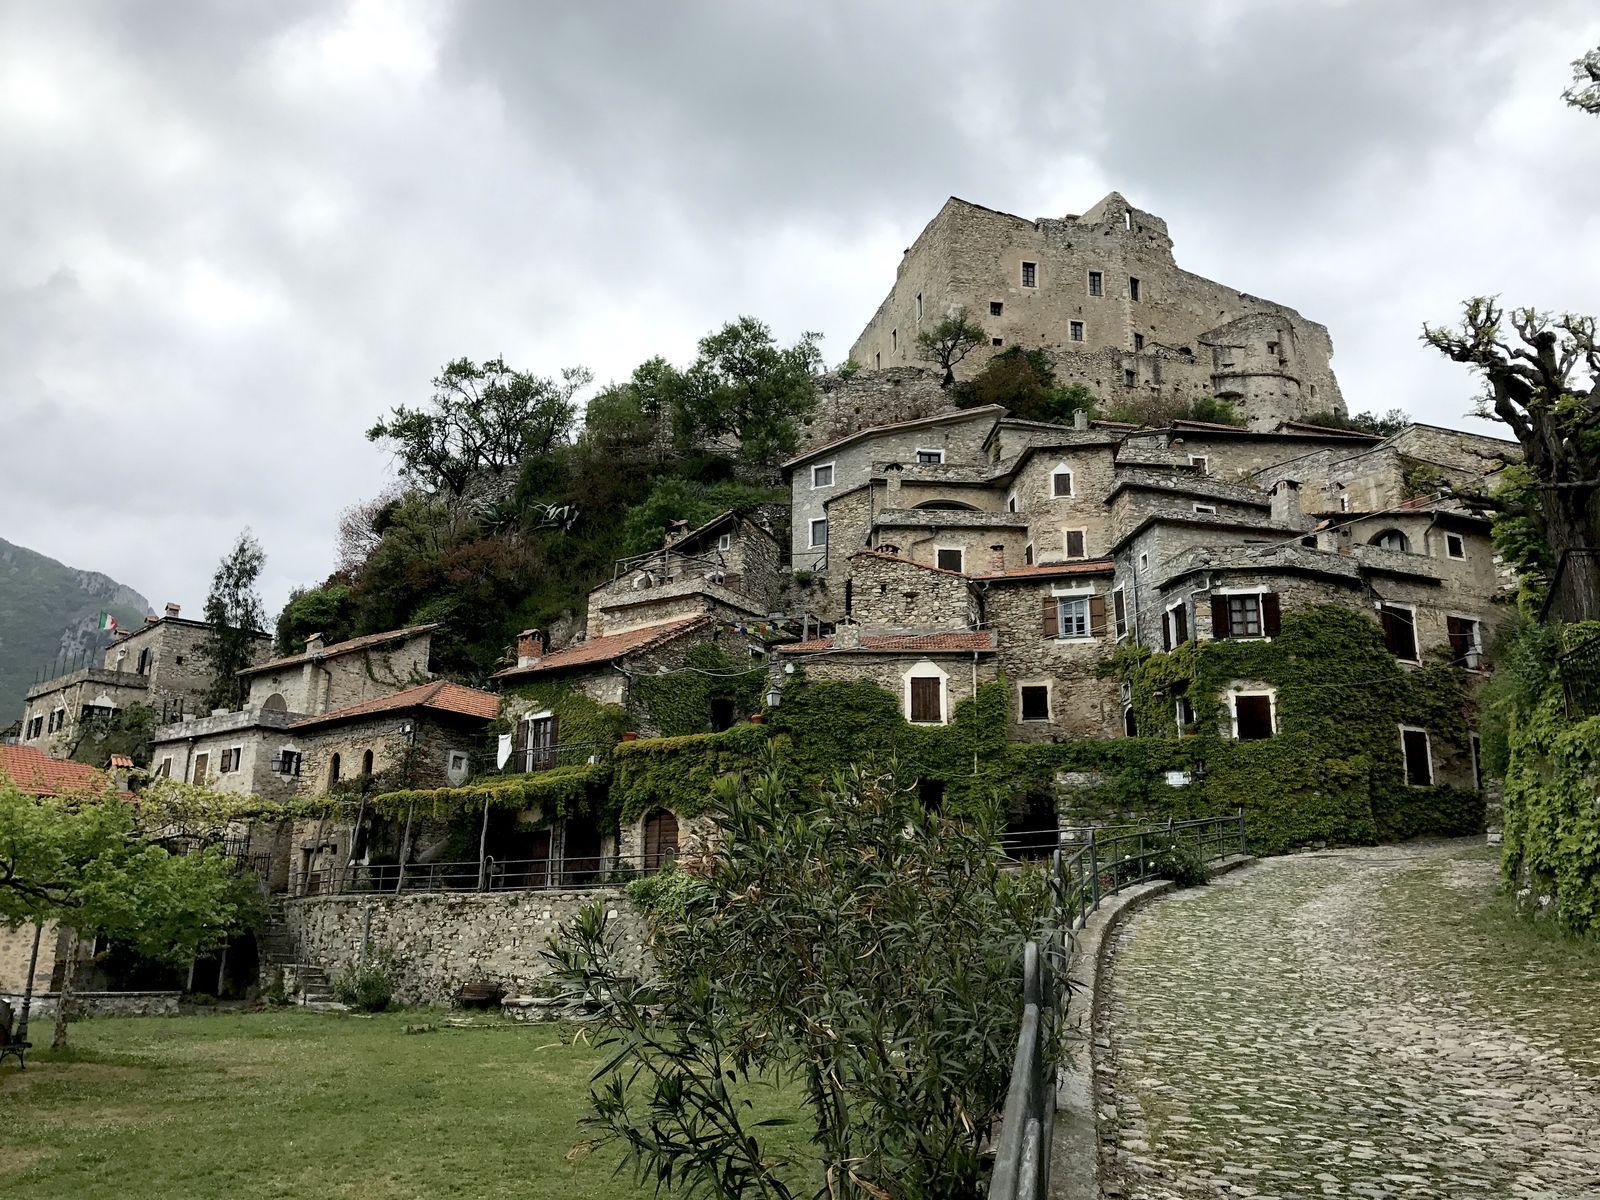 Le case di Castelvecchio ai piedi del castello